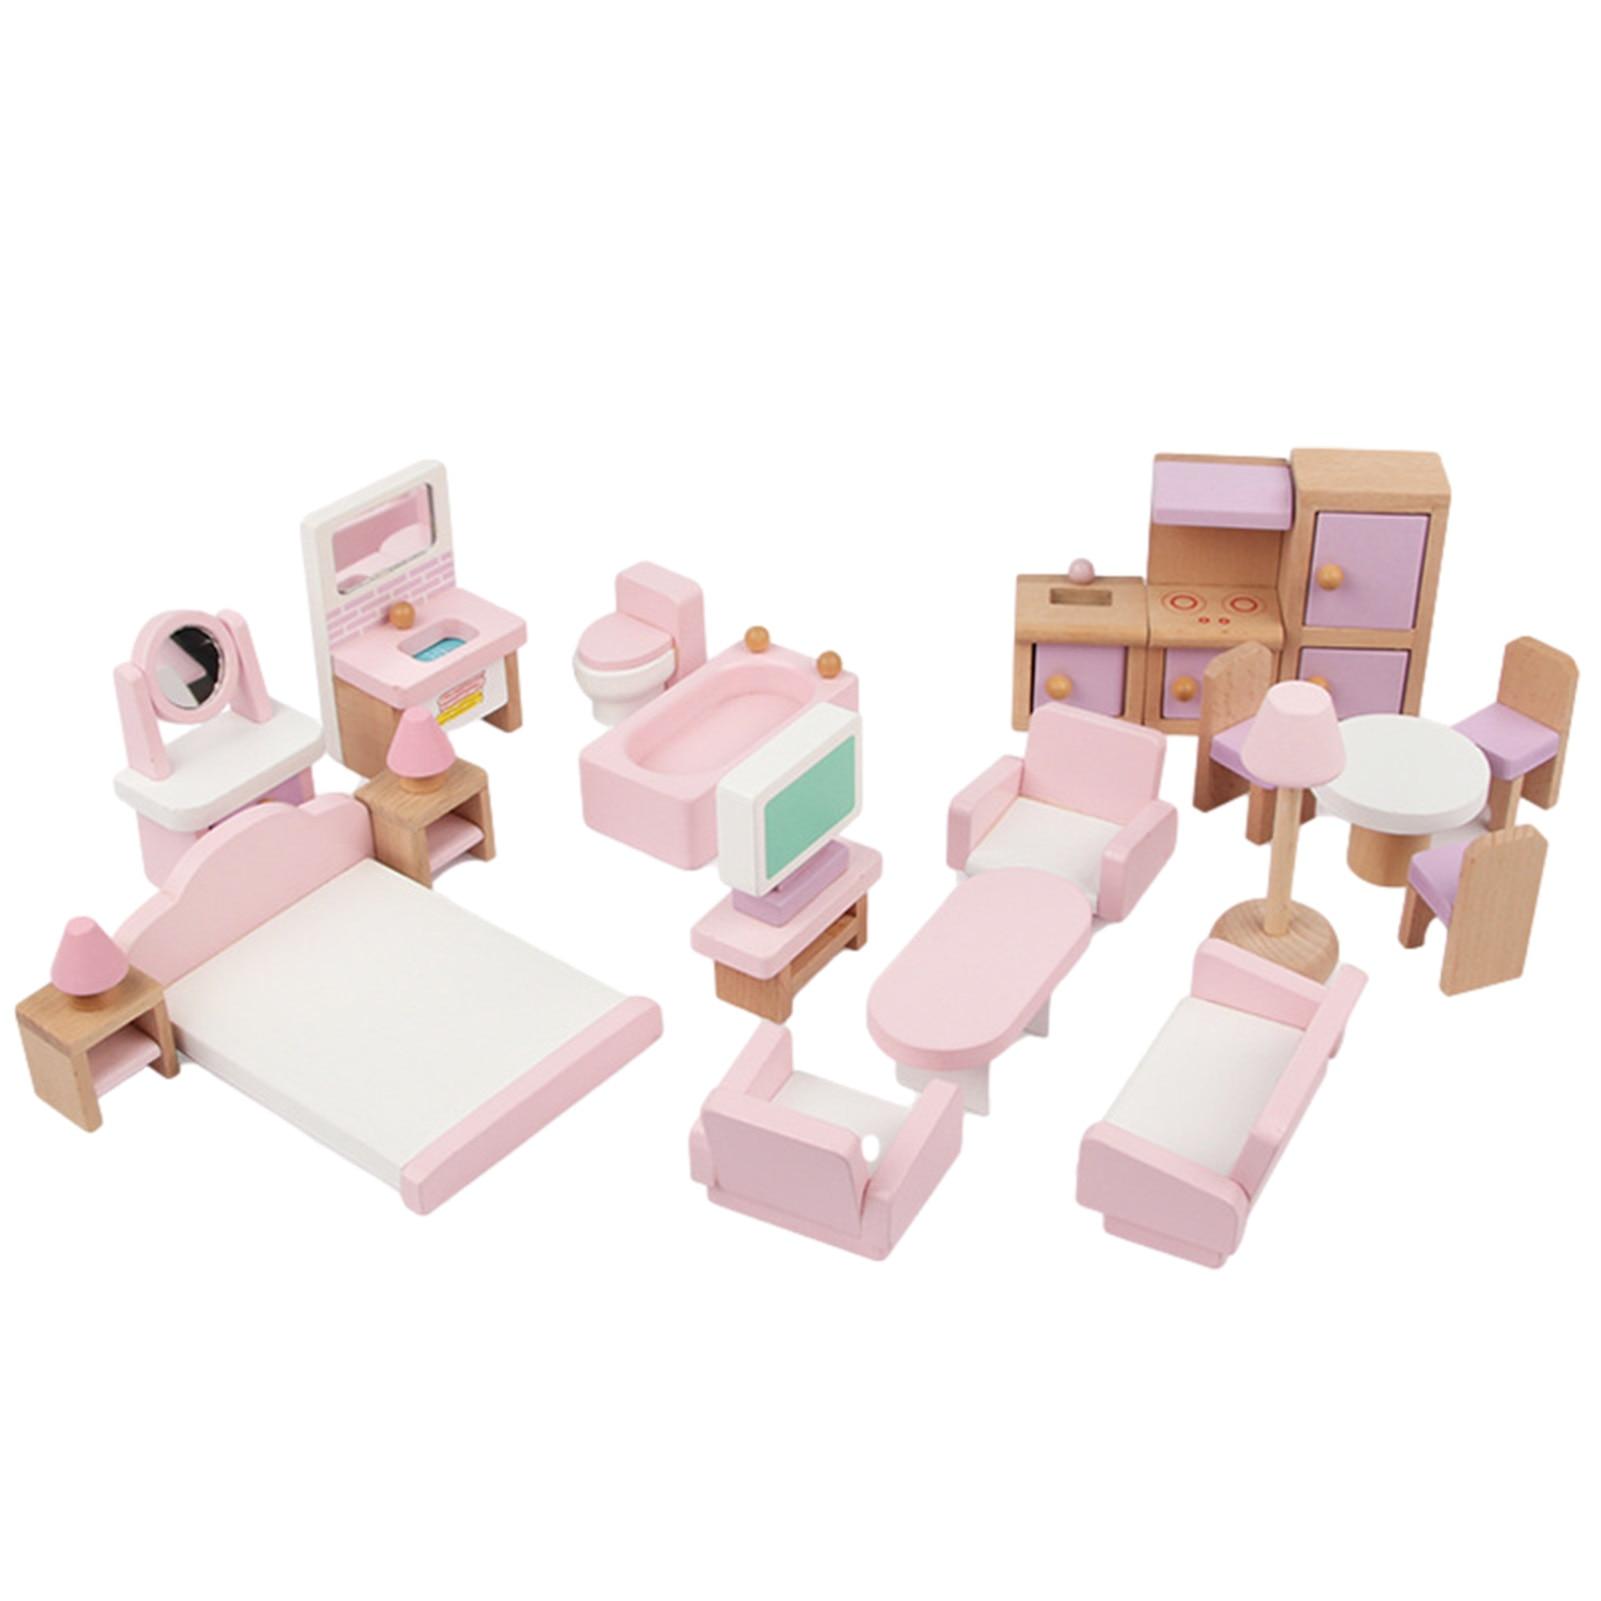 Имитация мебели, набор игрушек, деревянный Высококачественный искусственный игровой домик, кукольный домик для детей, развивающие игрушки